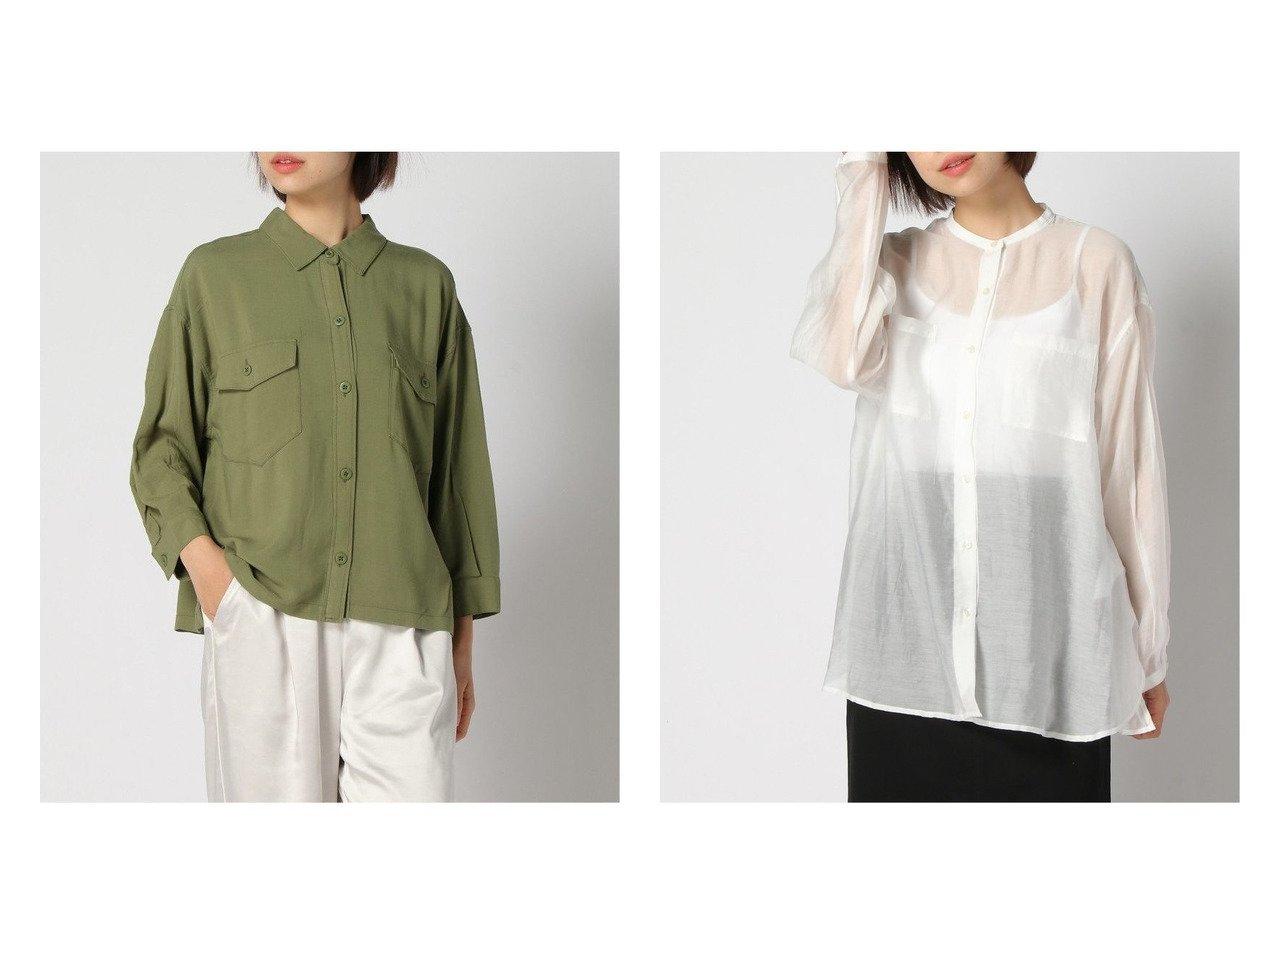 【niko and…/ニコアンド】のリップストップシャツJK&シアーバンドカラーSH 【プチプライス・低価格】おすすめ!人気、トレンド・レディースファッションの通販 おすすめで人気の流行・トレンド、ファッションの通販商品 インテリア・家具・メンズファッション・キッズファッション・レディースファッション・服の通販 founy(ファニー) https://founy.com/ ファッション Fashion レディースファッション WOMEN トップス・カットソー Tops/Tshirt シャツ/ブラウス Shirts/Blouses NEW・新作・新着・新入荷 New Arrivals S/S・春夏 SS・Spring/Summer おすすめ Recommend アウトドア ショート ジャケット ポケット ミリタリー リップ ワーク 人気 春 Spring 軽量 インナー トレンド 長袖 |ID:crp329100000042709